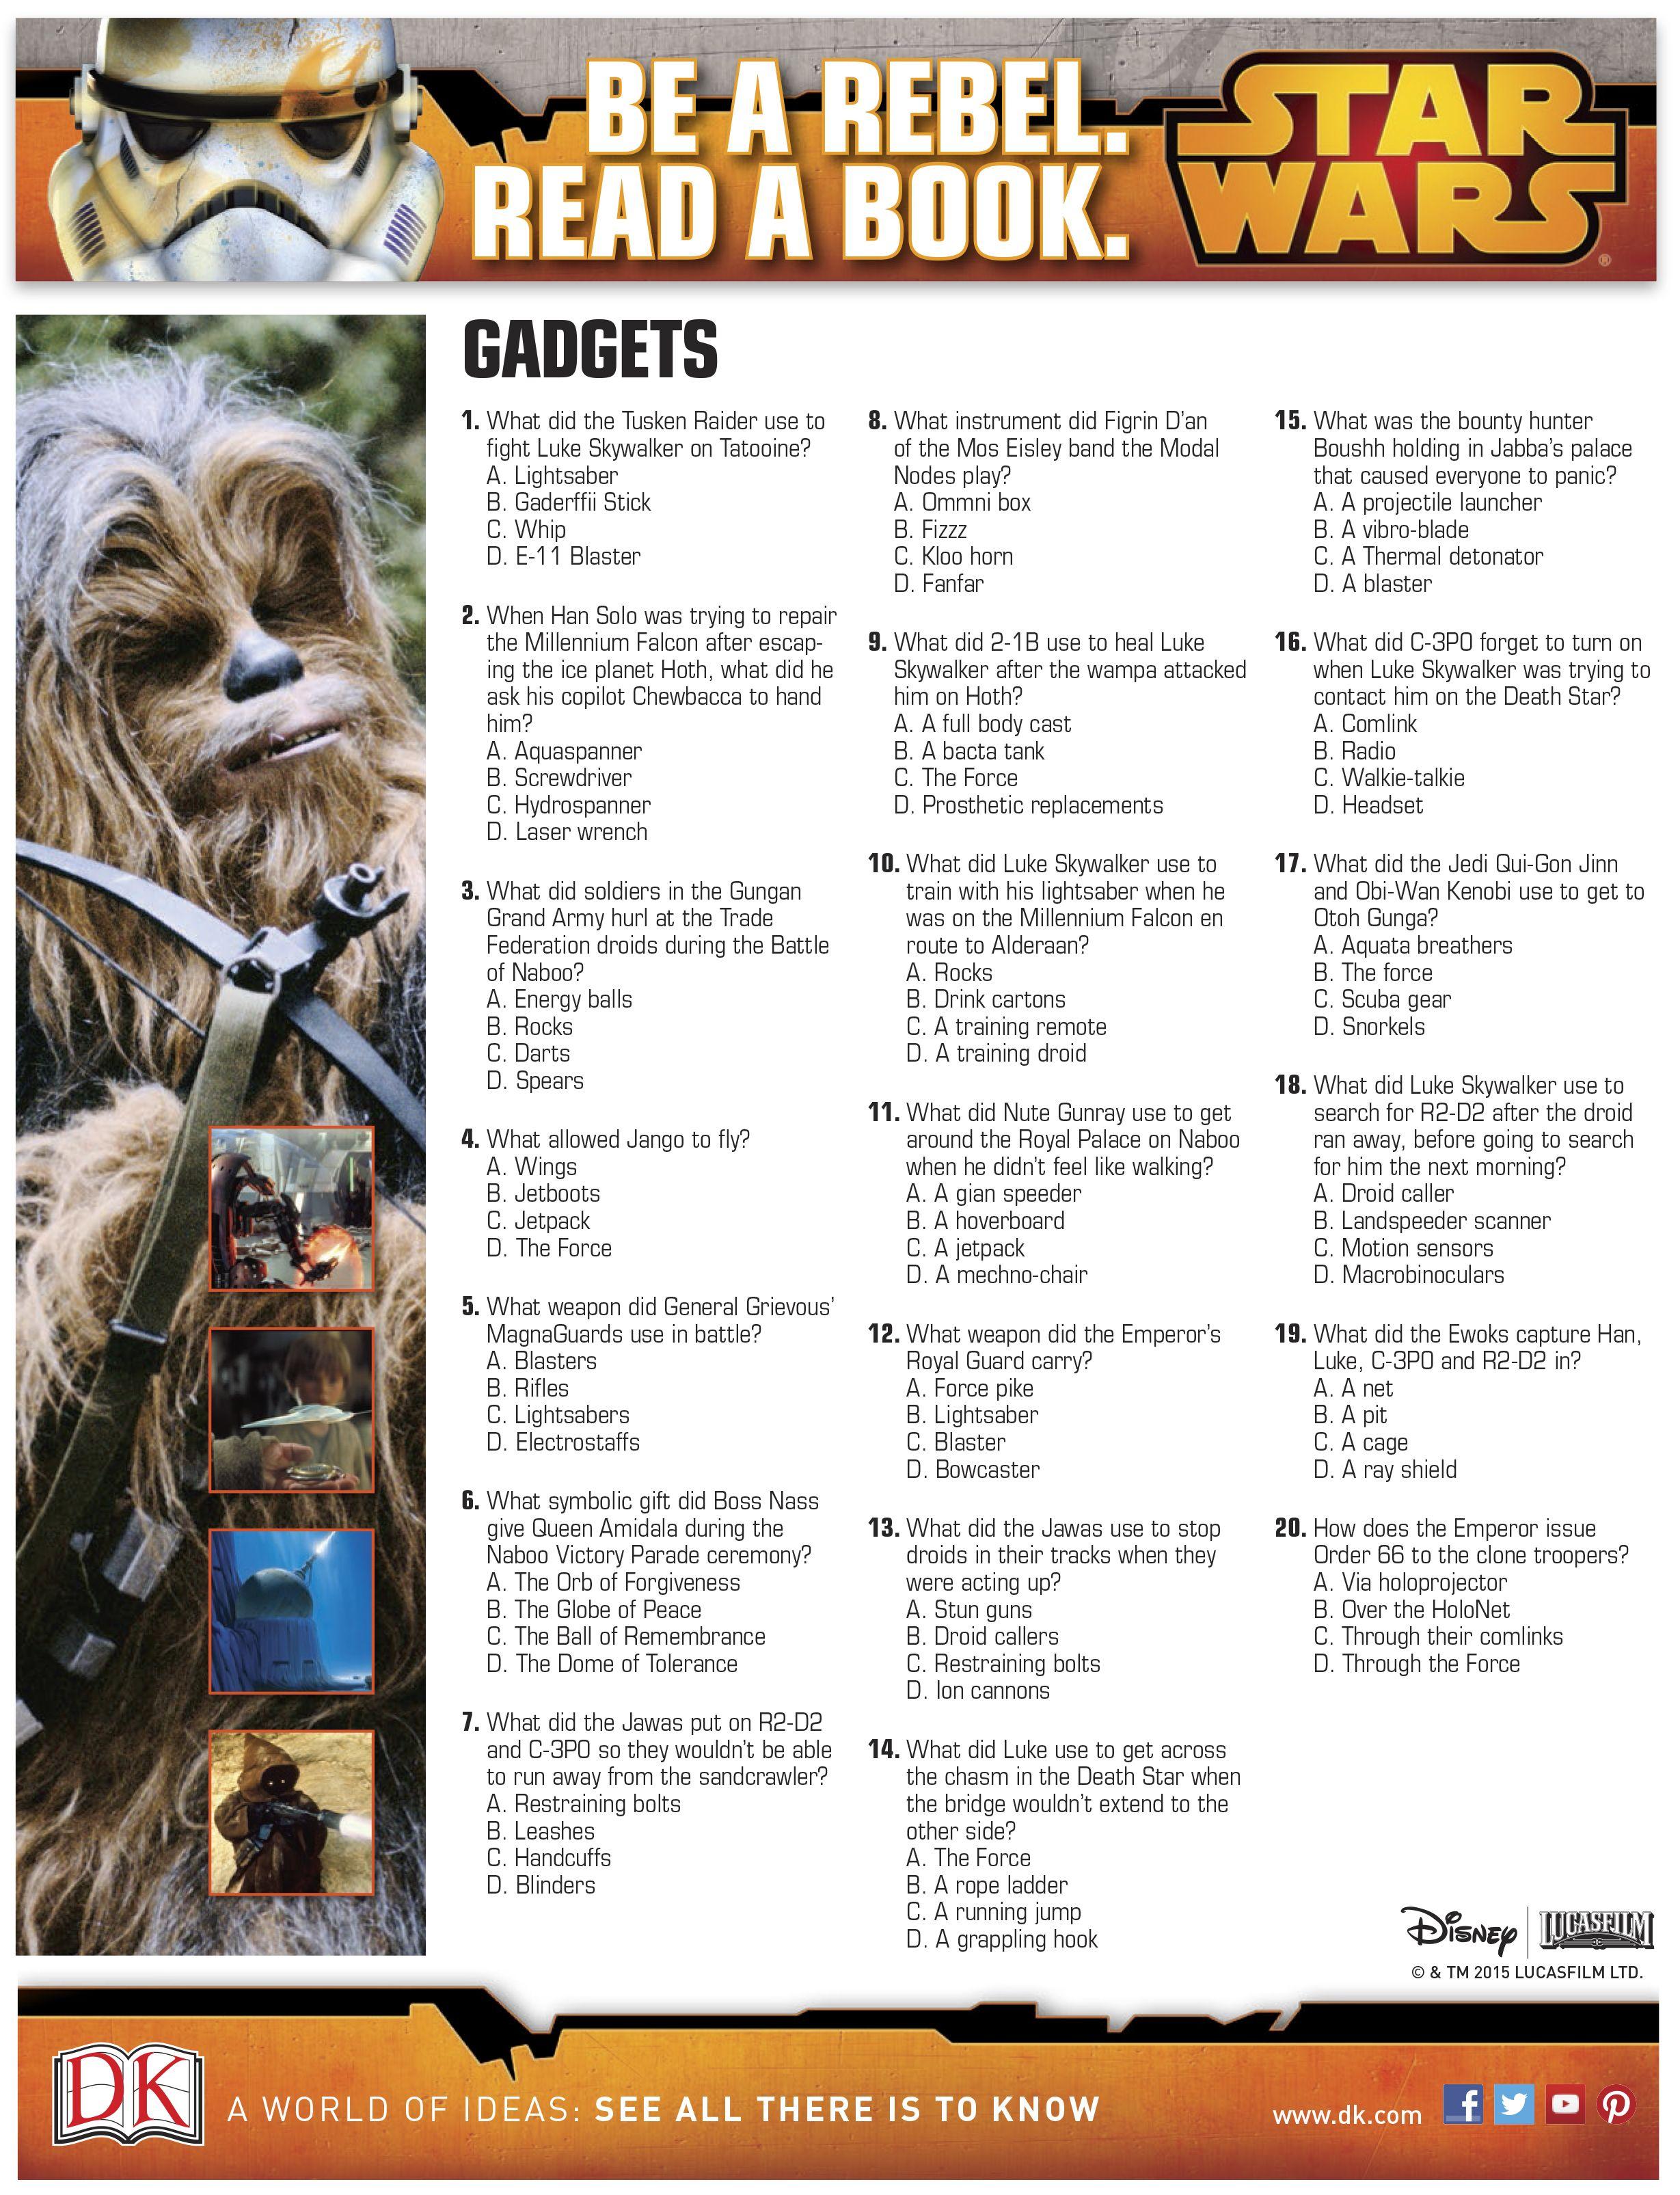 April Star Wars Trivia Questions Gadgets